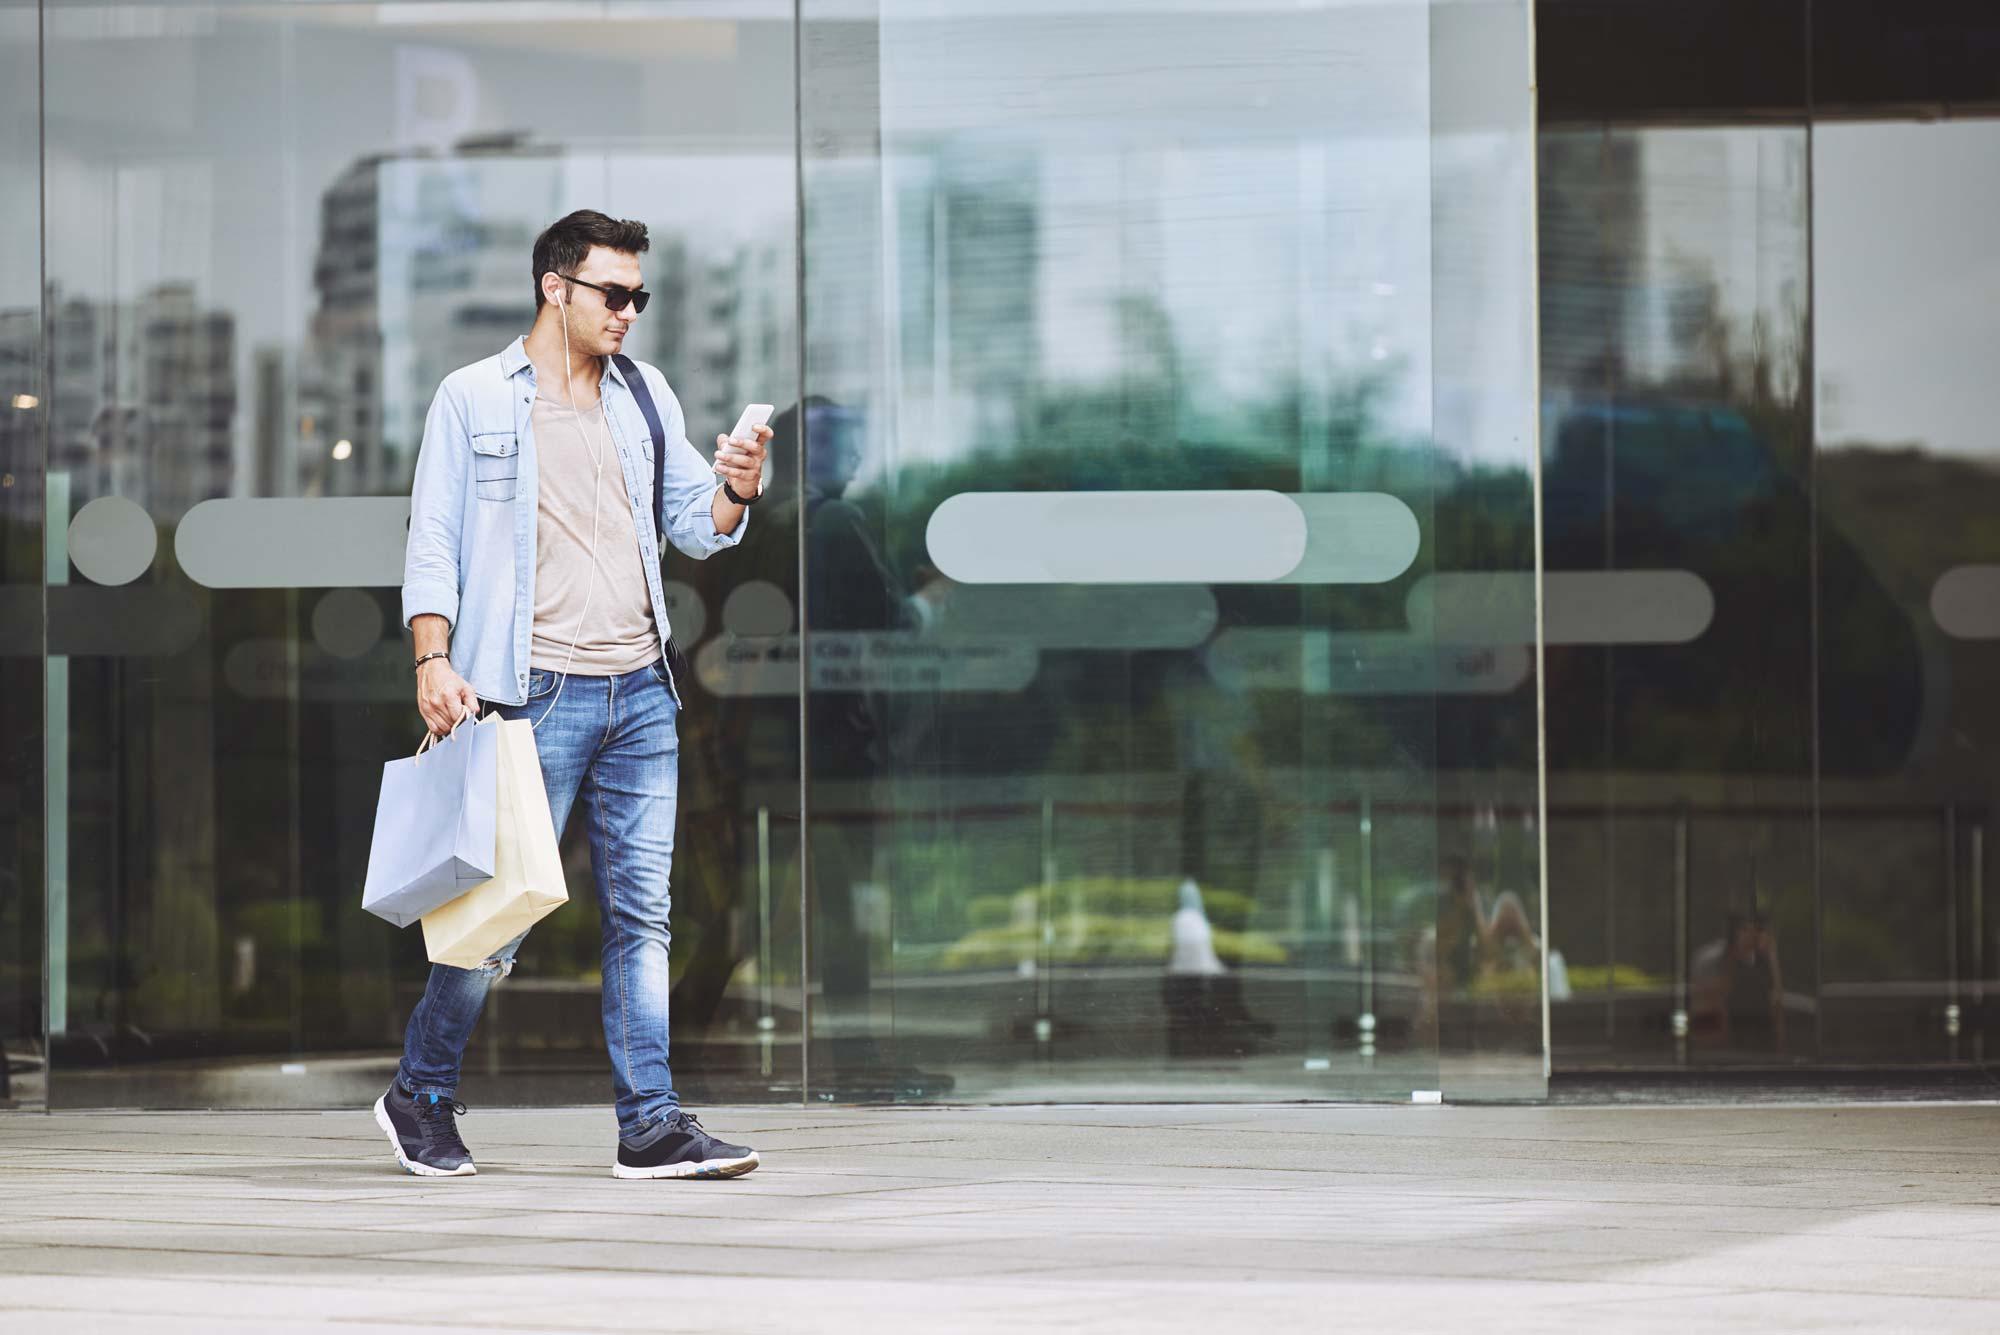 leaving-shopping-mall-KASSXKW.jpg